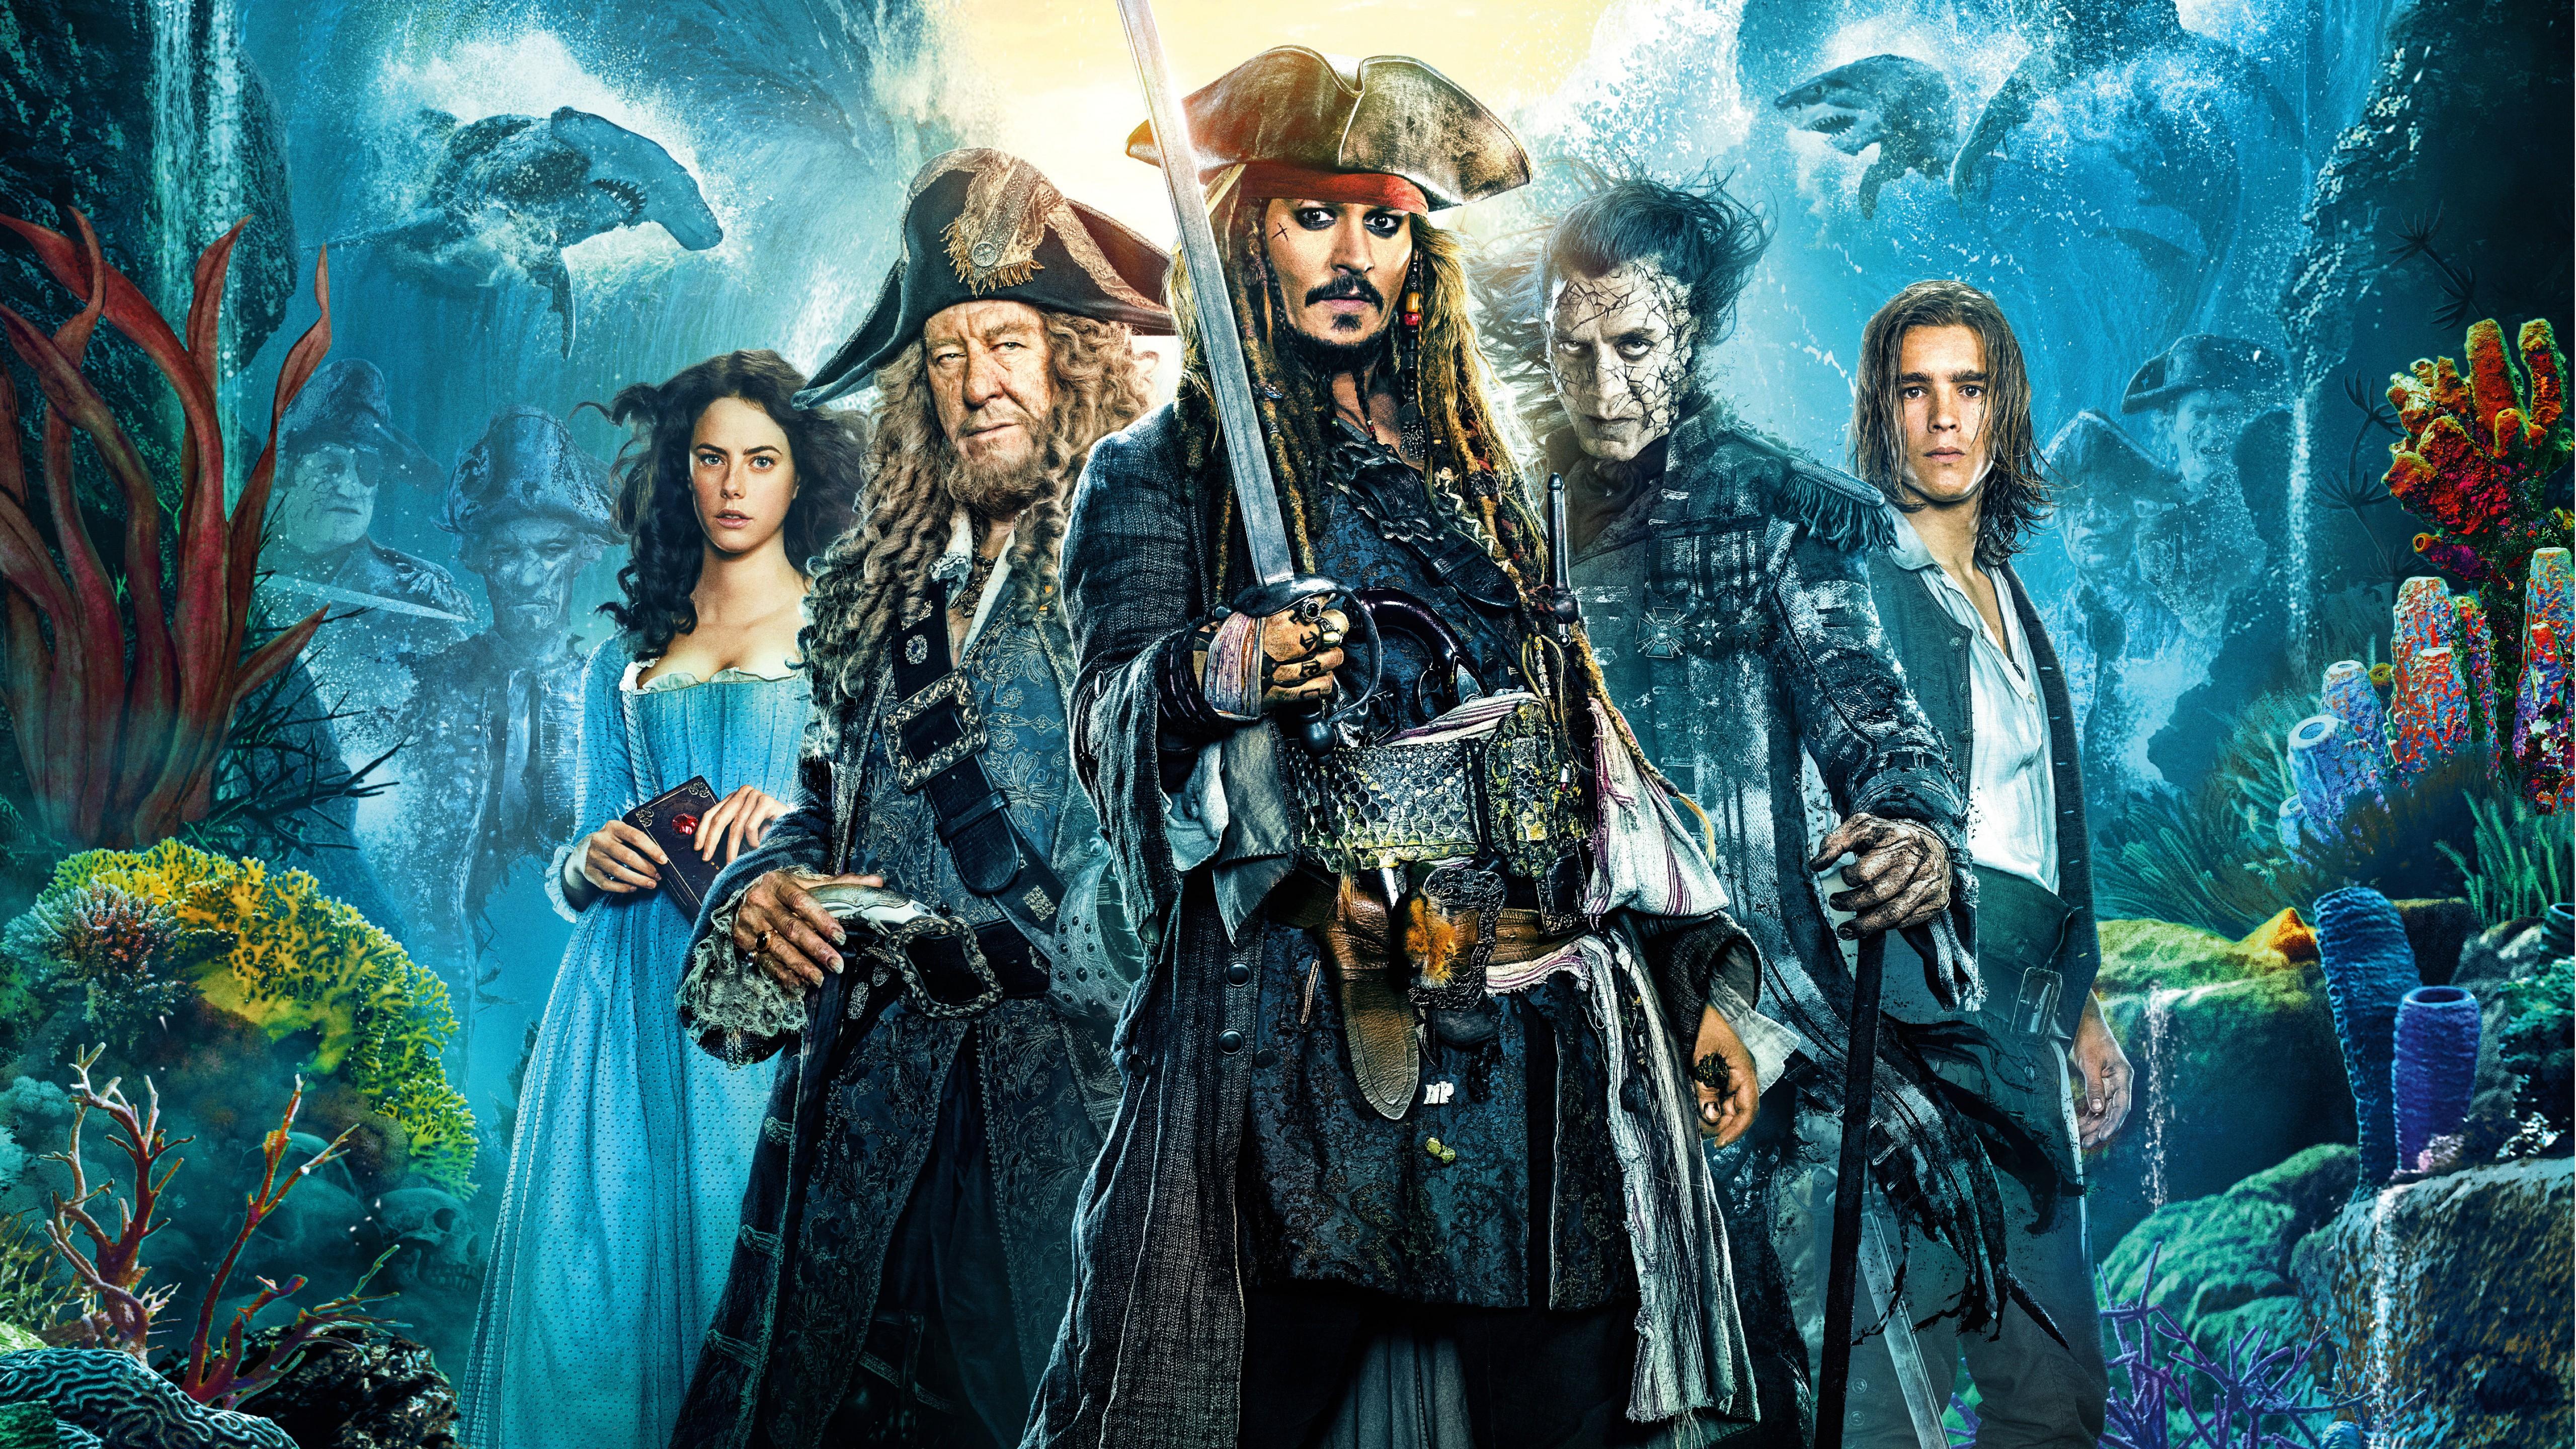 Пираты Карибского моря 5 Мертвецы не рассказывают сказки